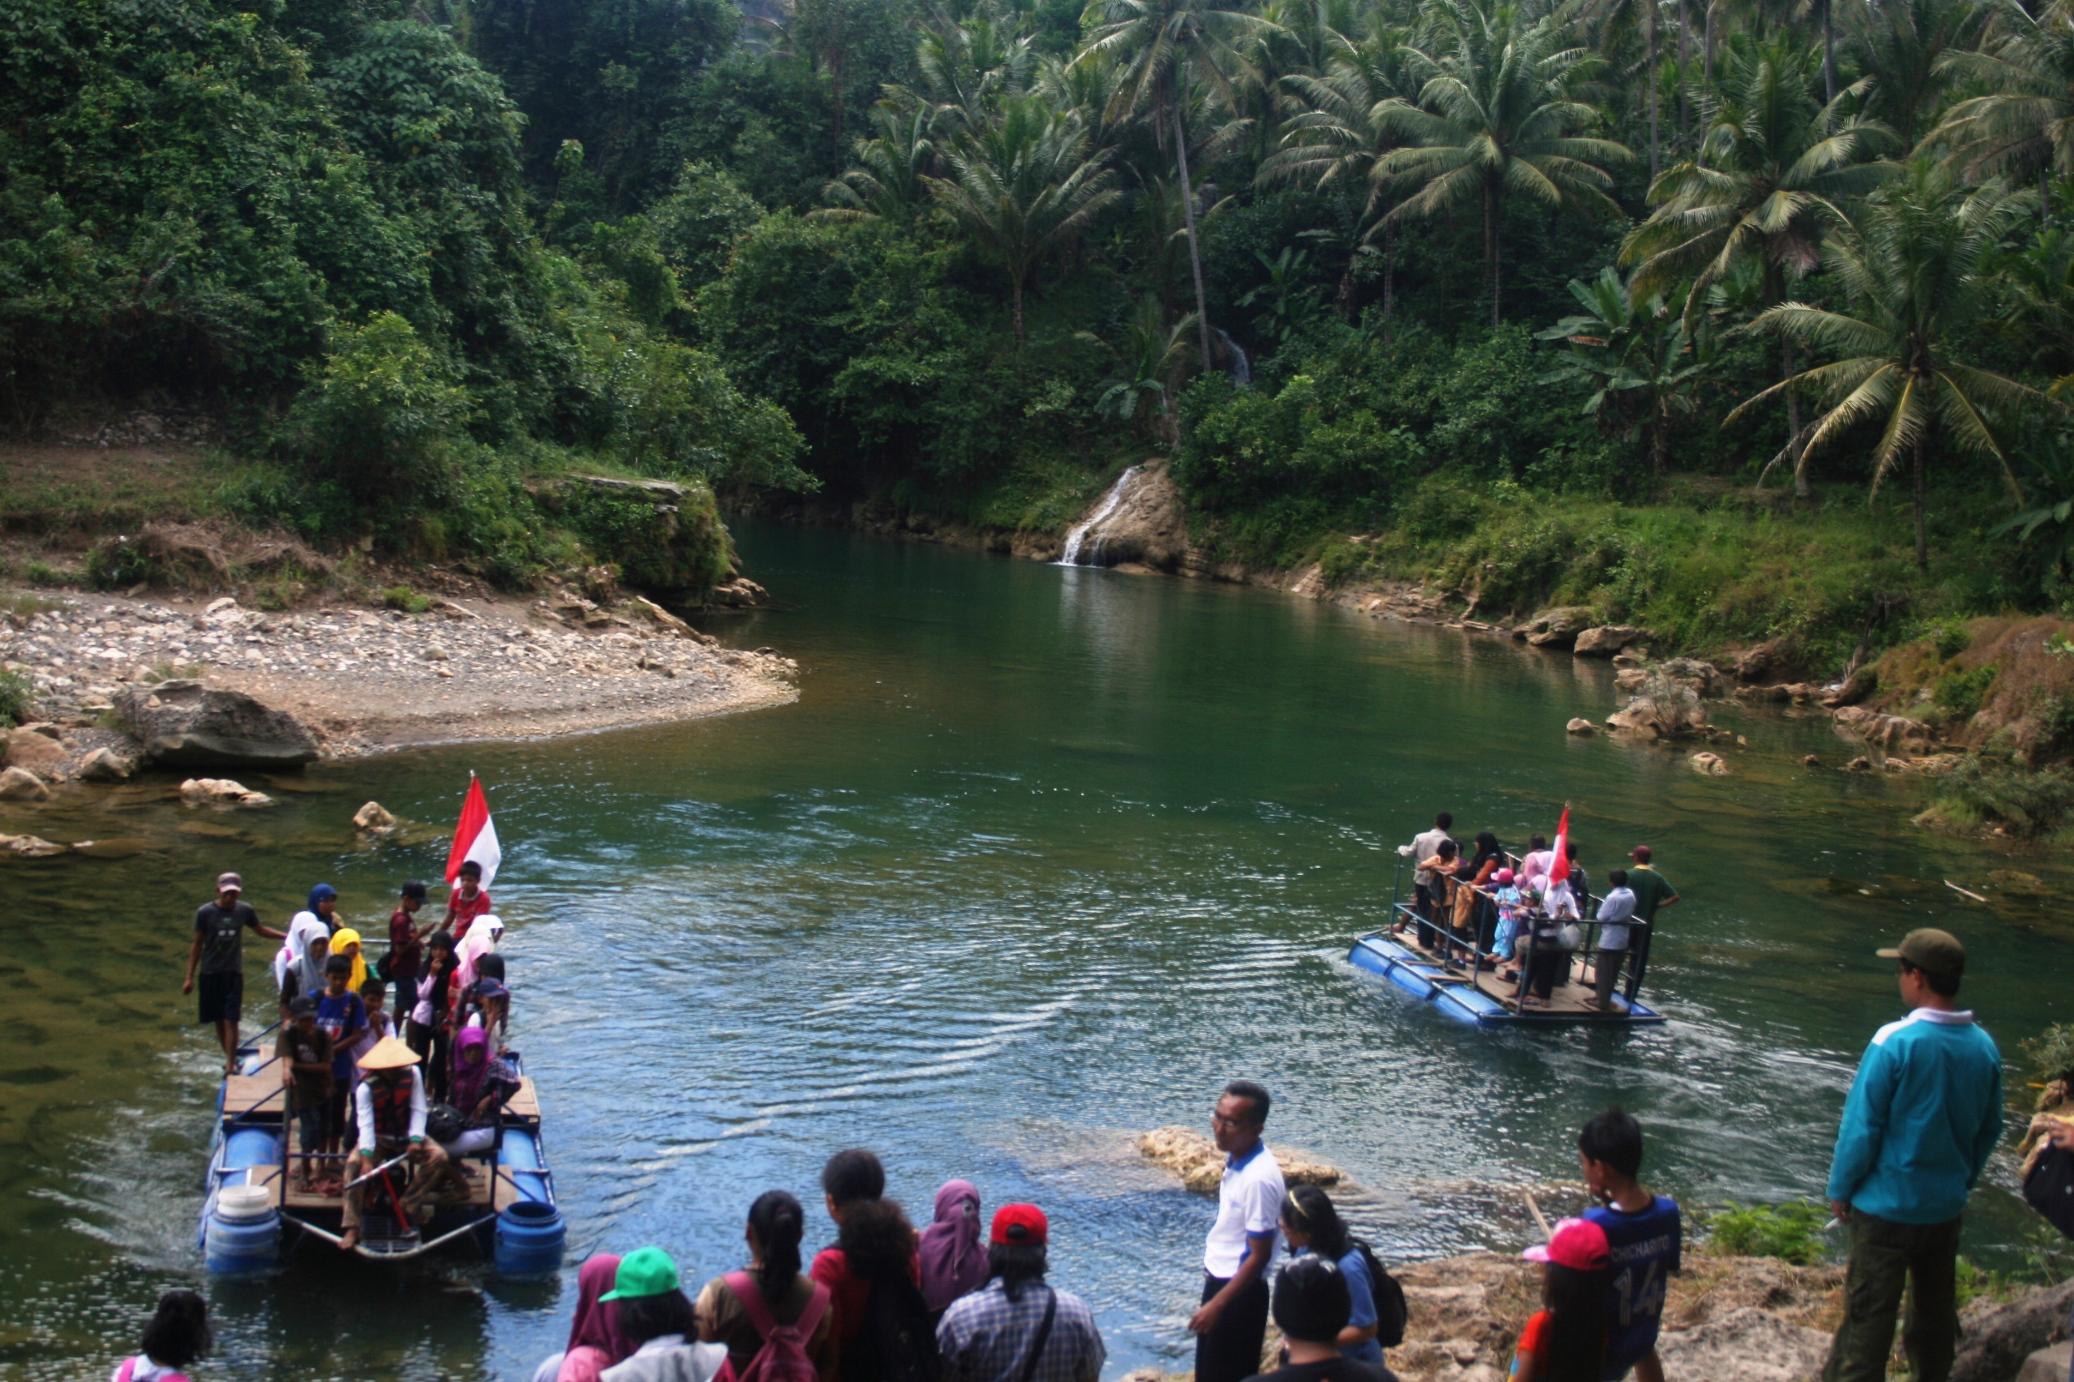 Wisata Alam Gunung Kidul Diy Air Terjun Srigethuk Di